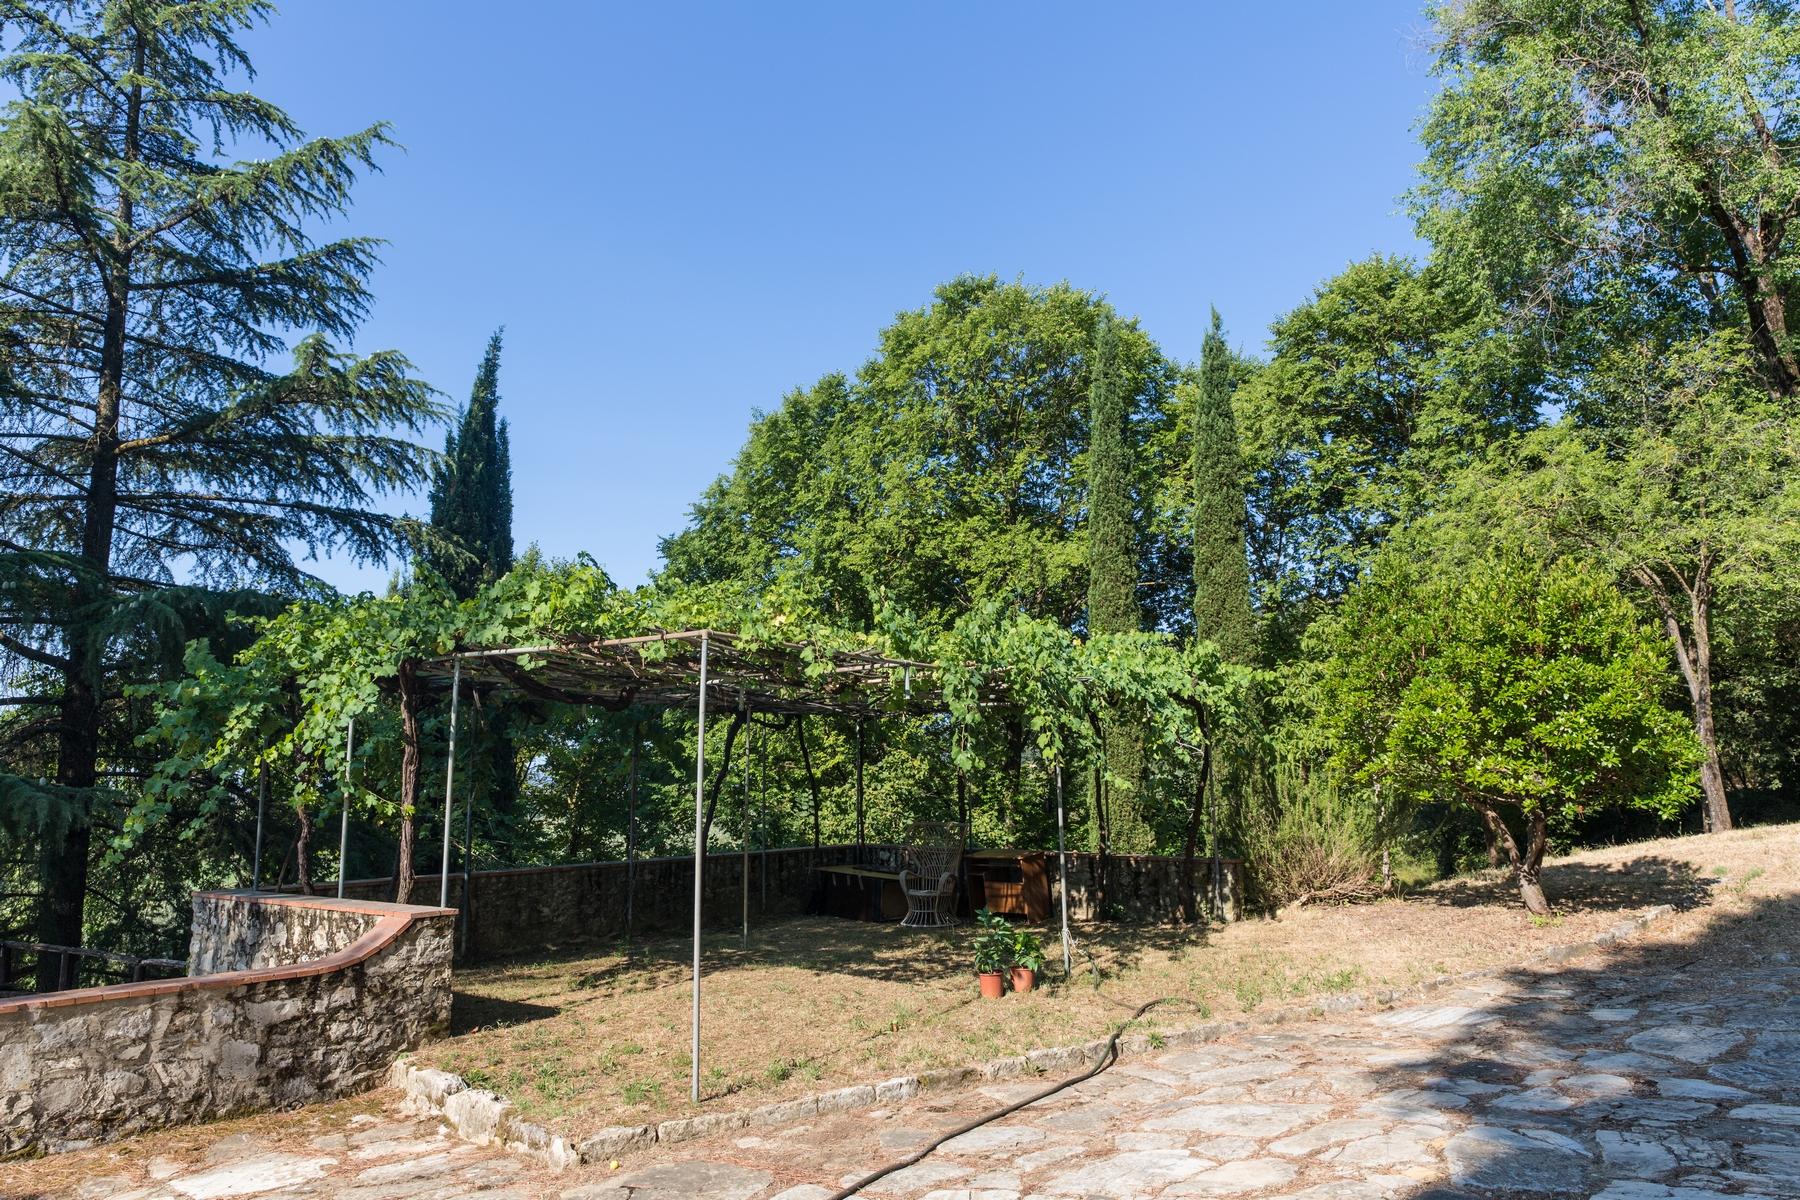 Rustico in Vendita a Calenzano: 5 locali, 800 mq - Foto 12